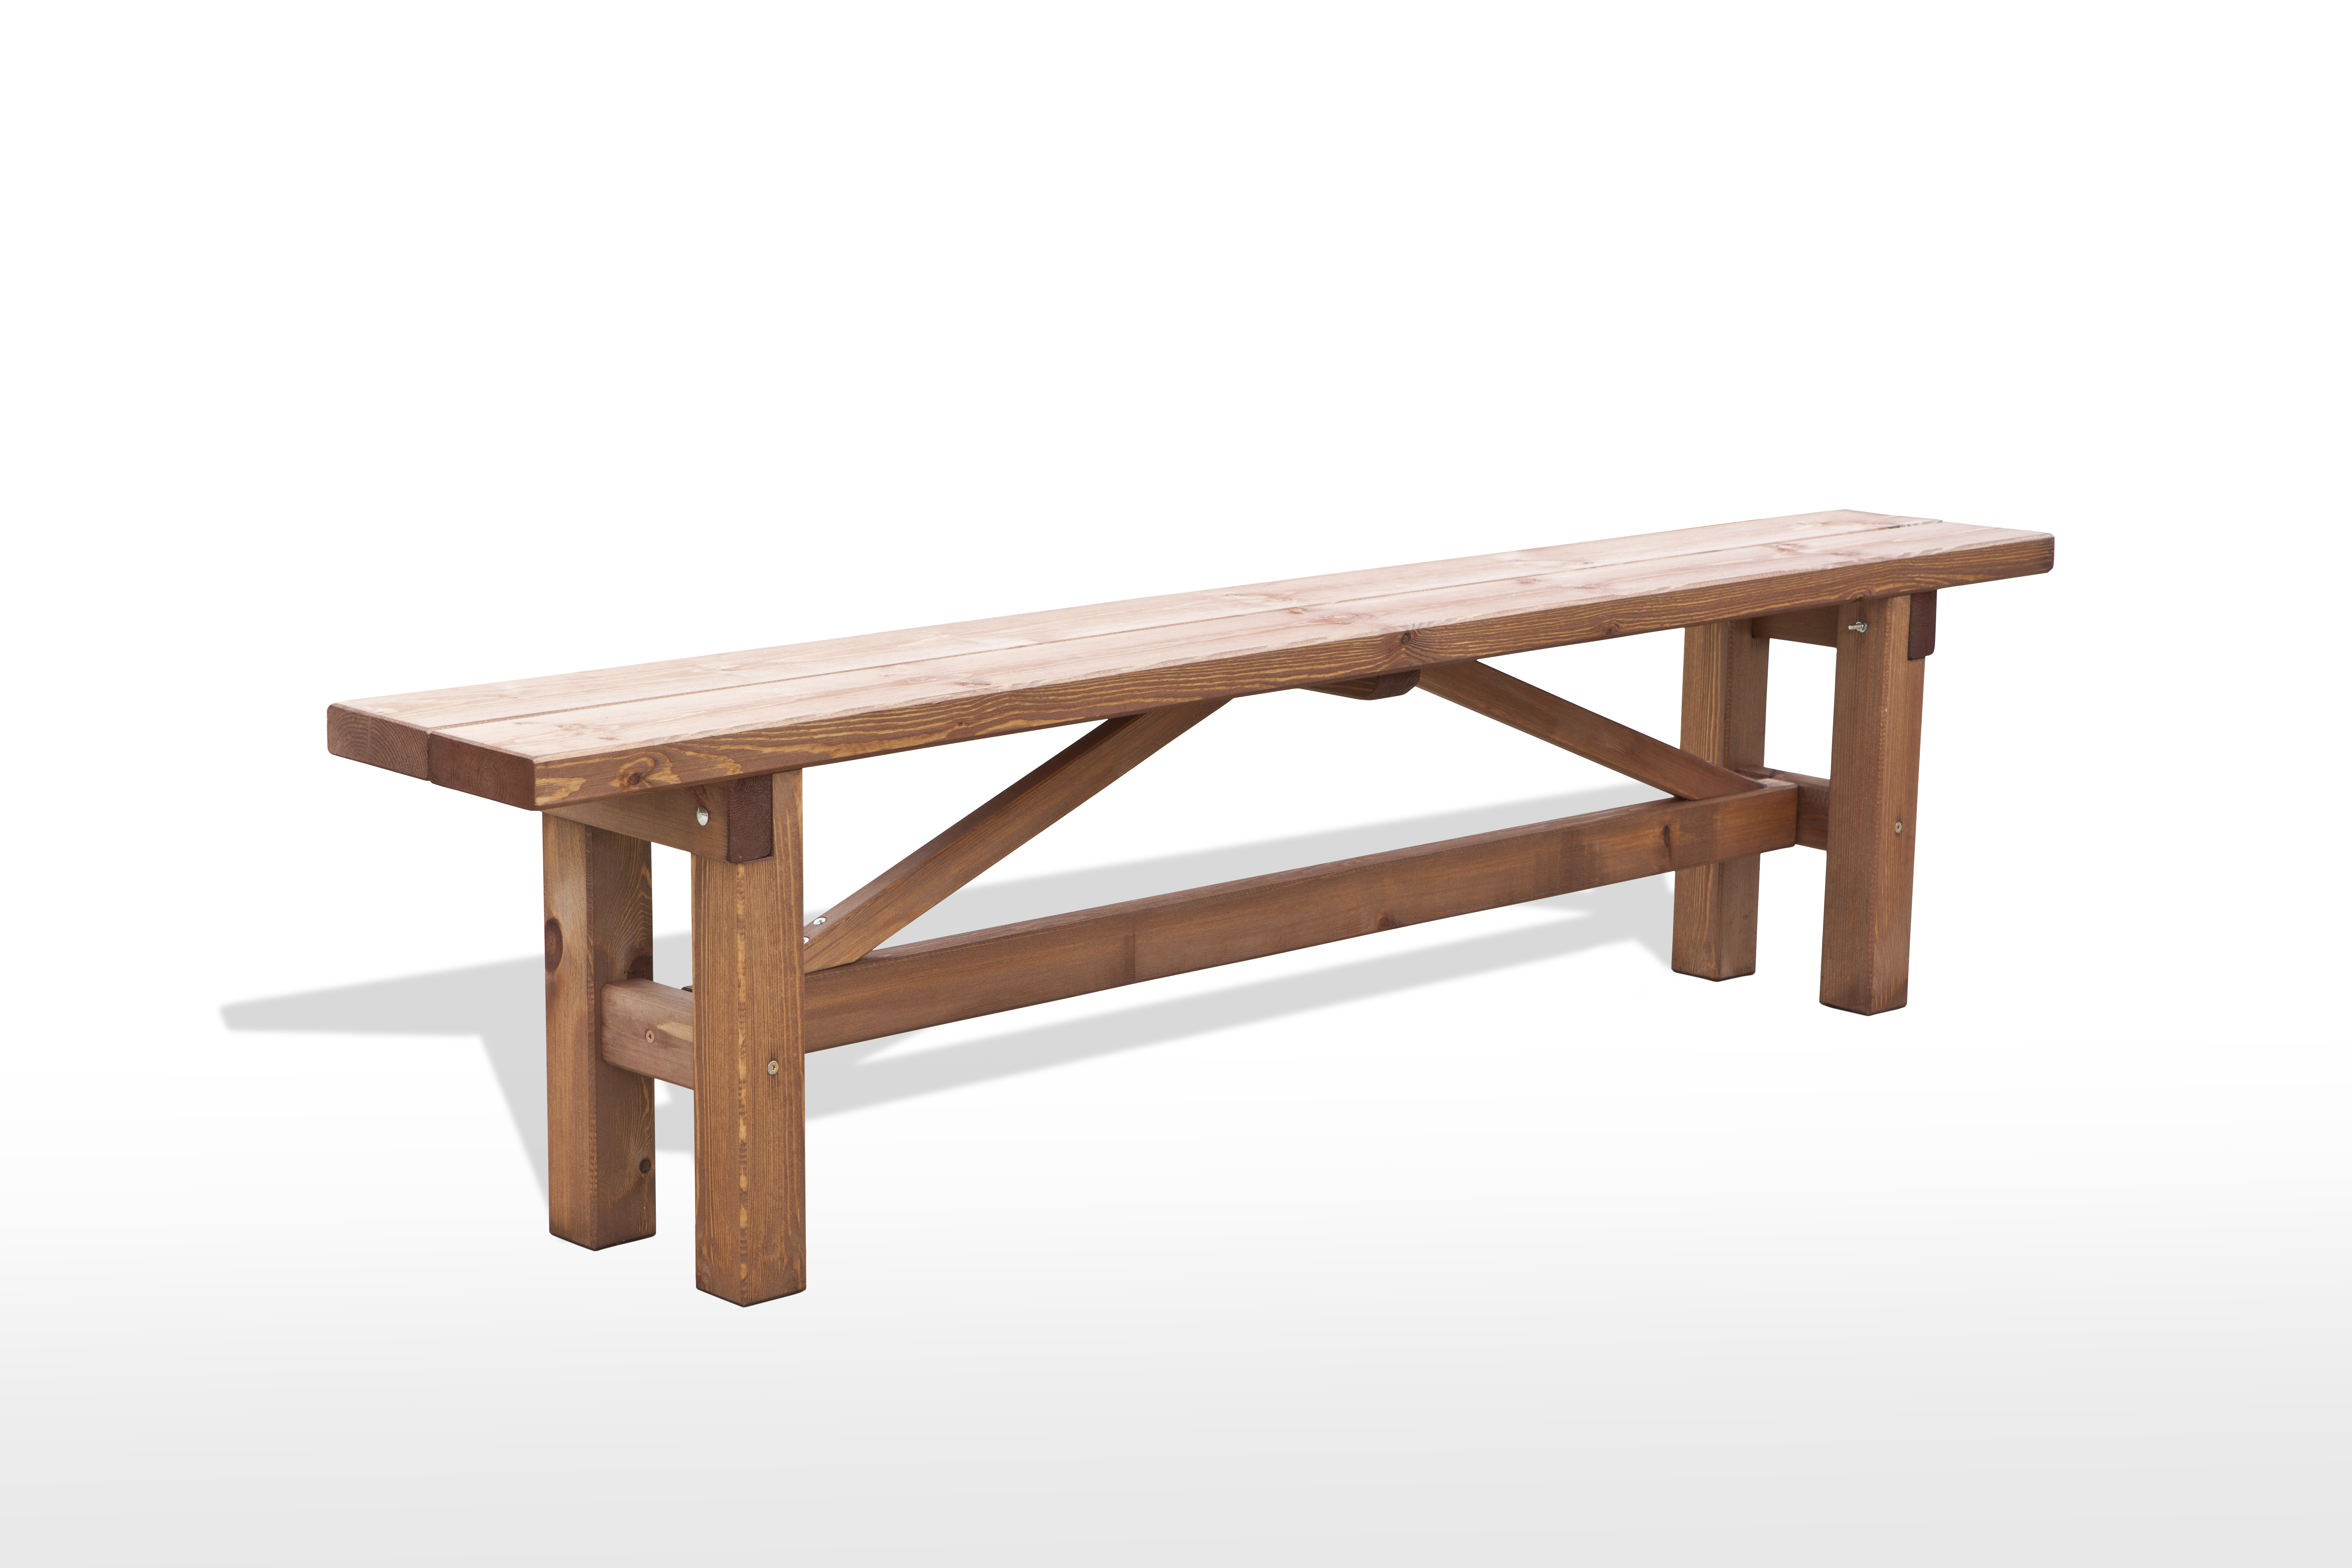 bancos de madera para interior dise os arquitect nicos